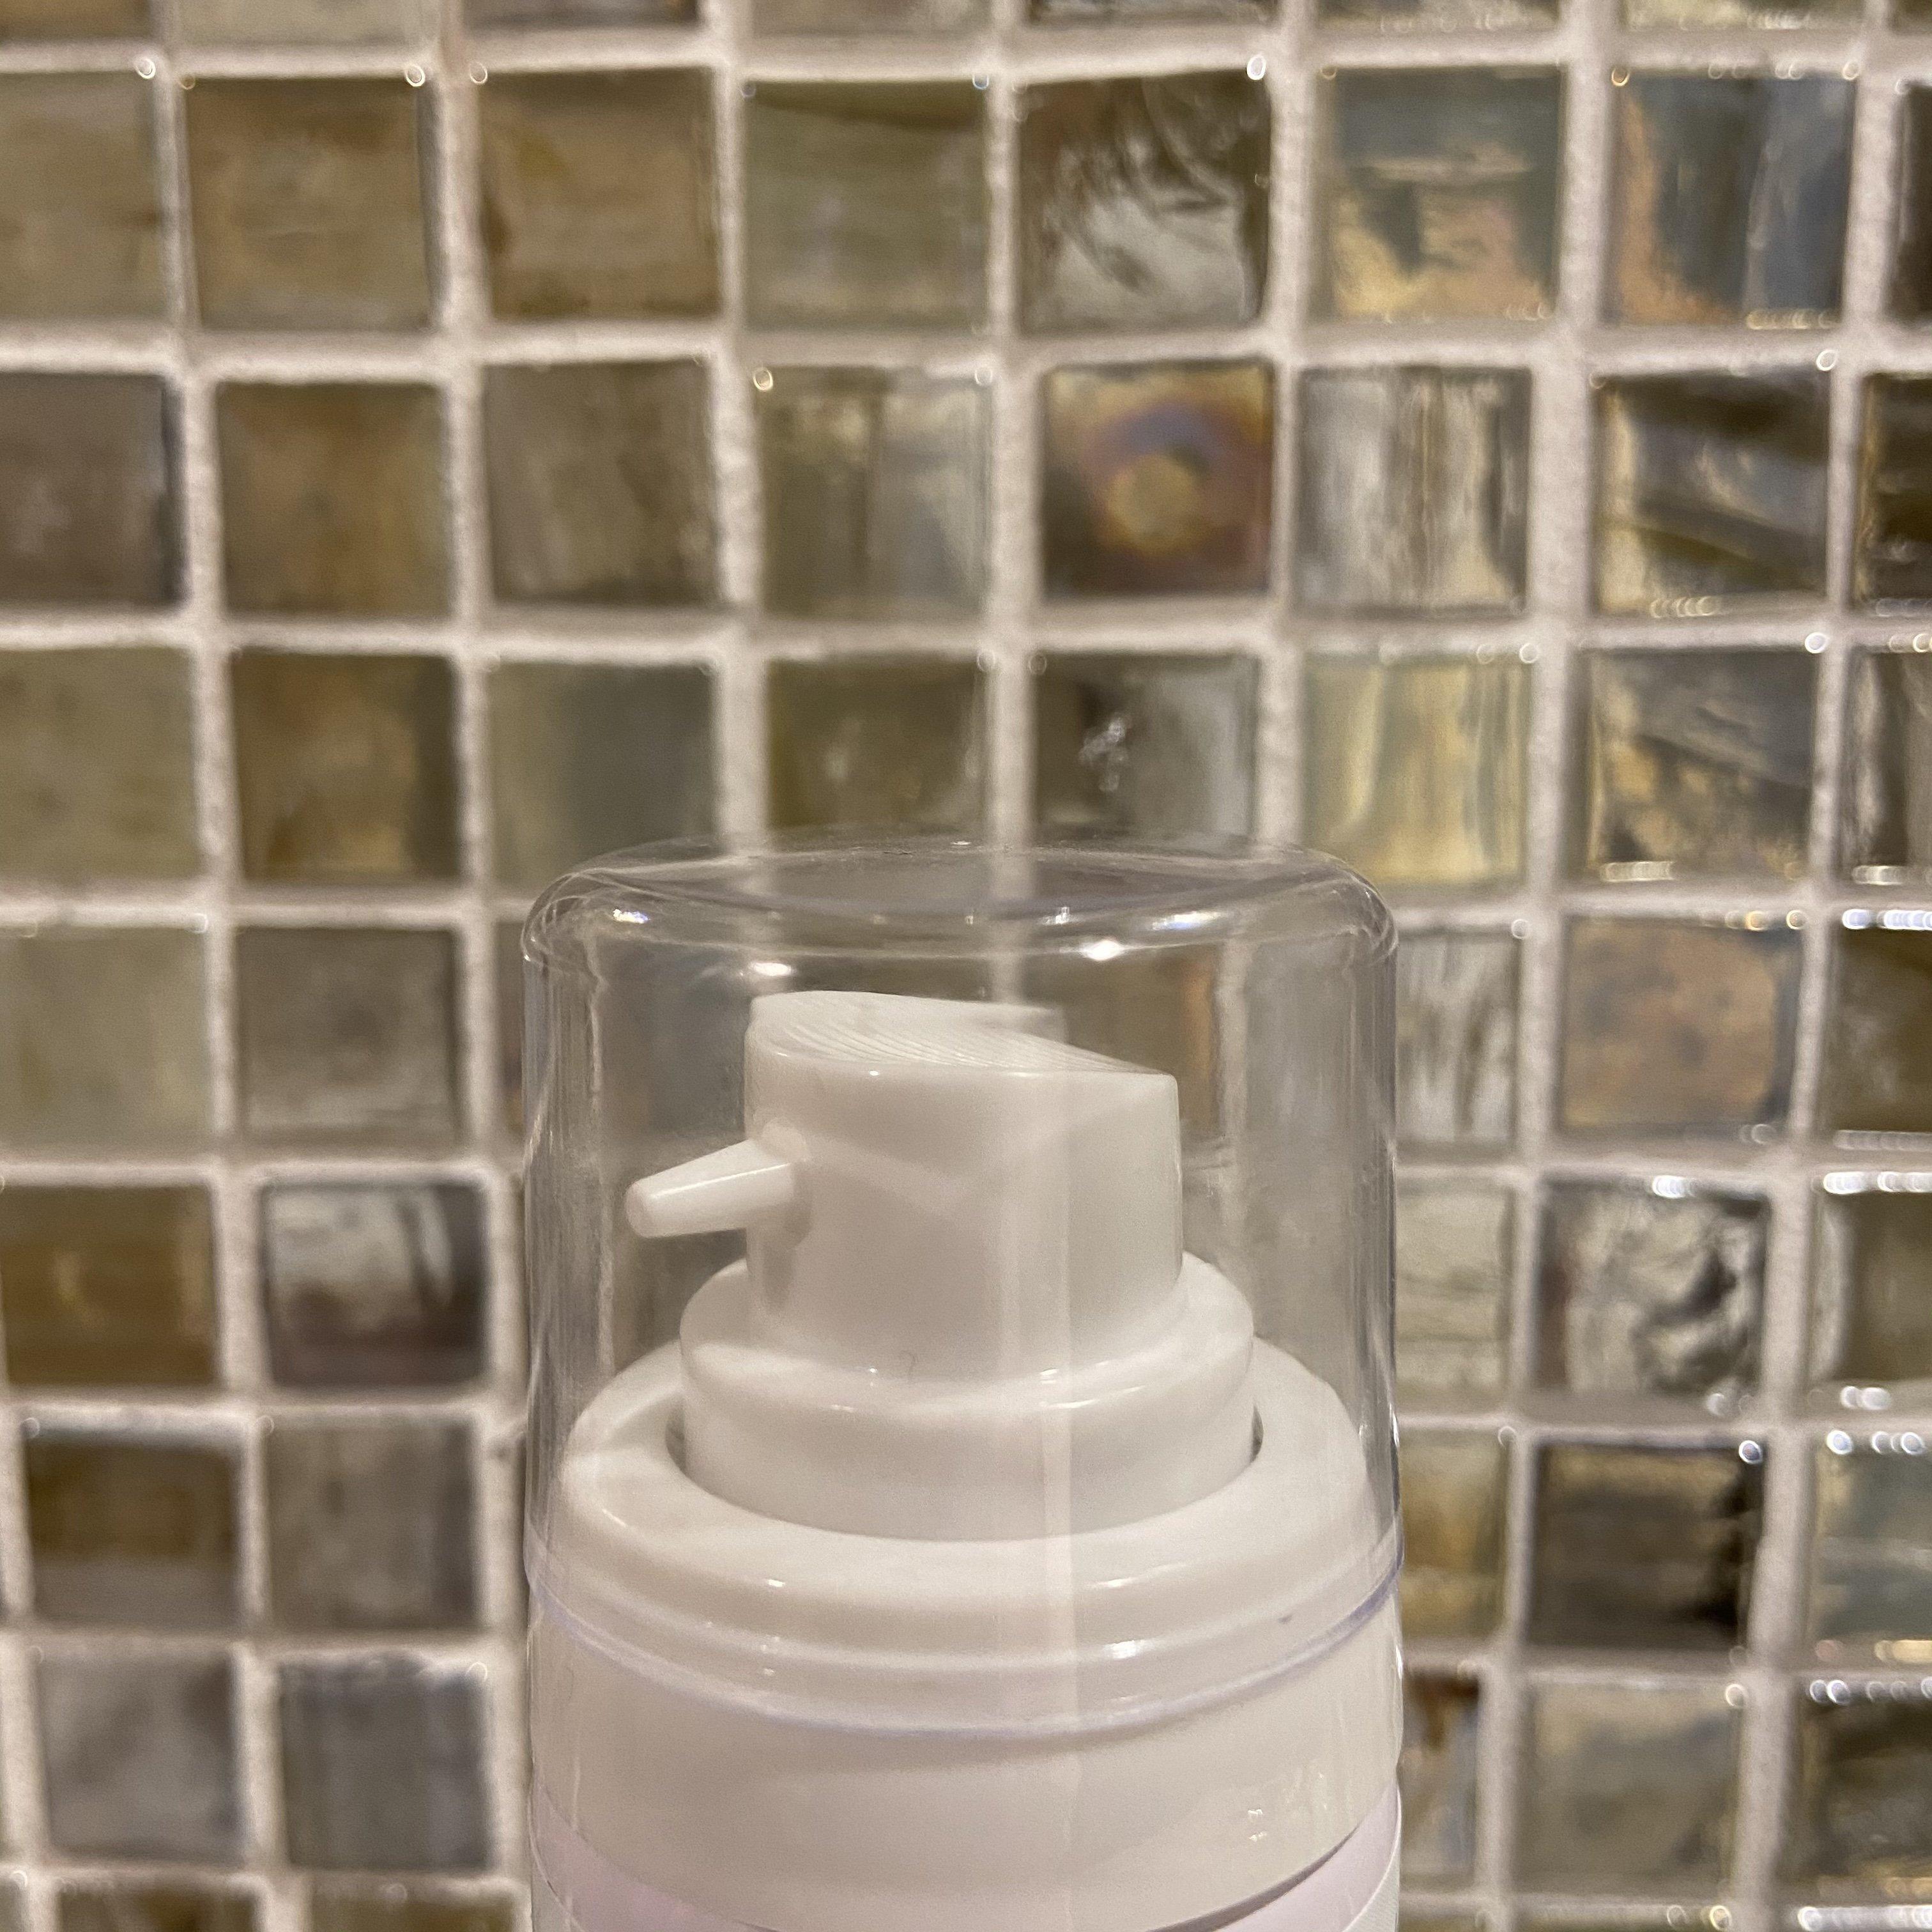 スキンケアジプシー救世主 炭酸美容 ビューティーオイル  スクワランオイルに高濃度炭酸が溶け込んだ贅沢オイル(26g)【サロン用】のイメージその4